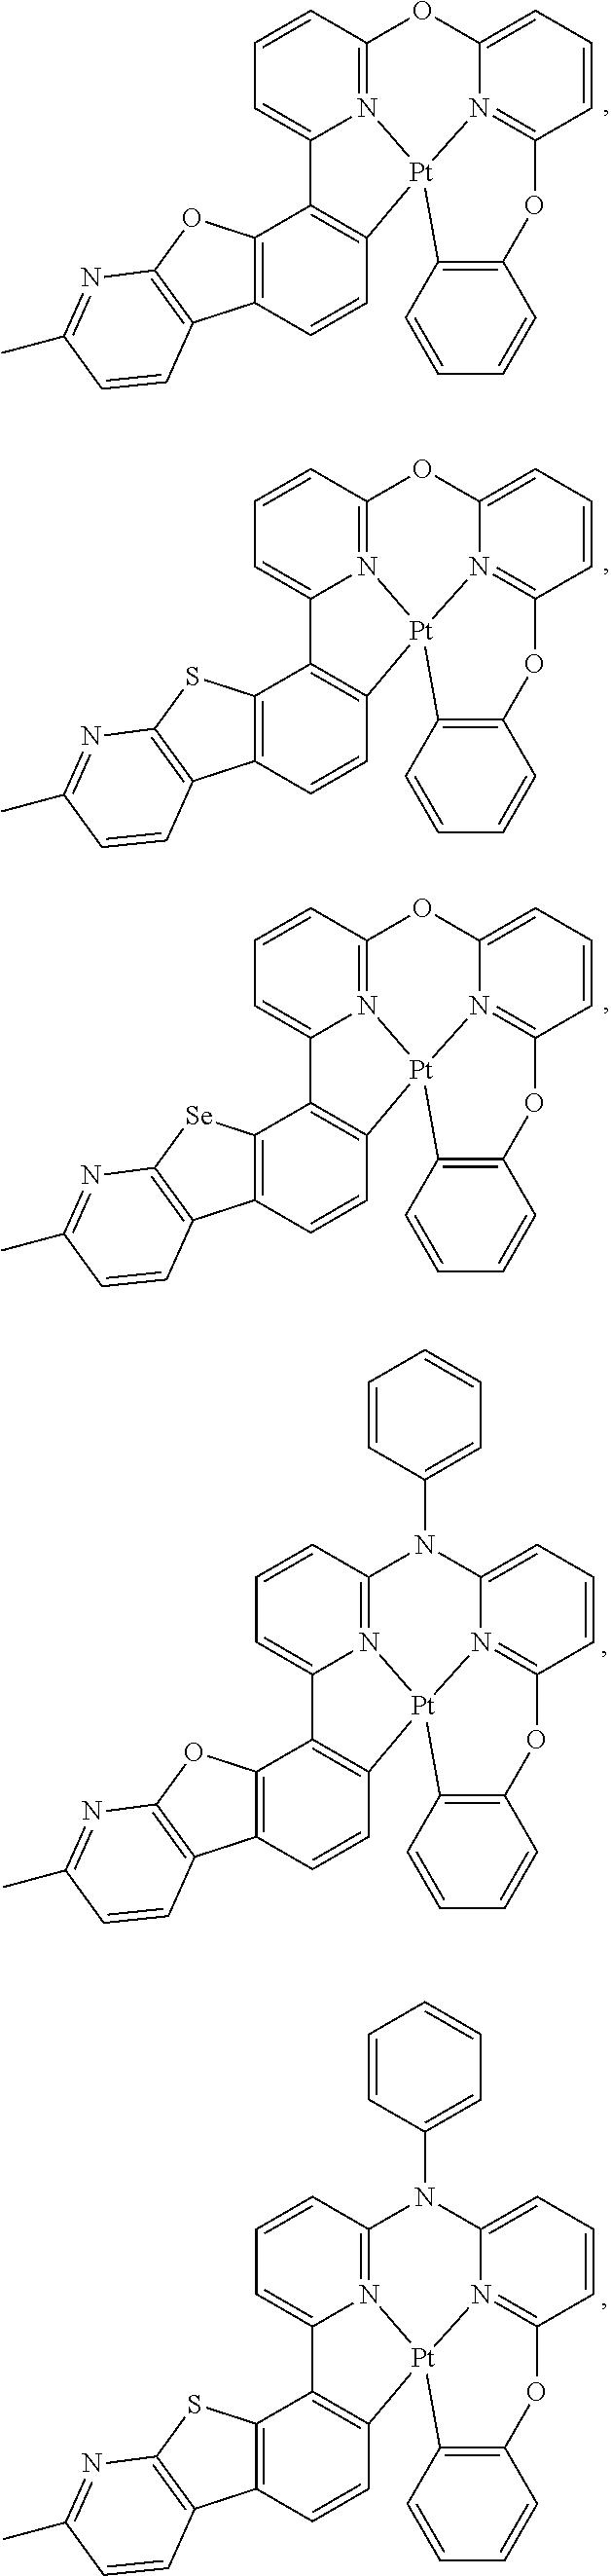 Figure US09871214-20180116-C00293